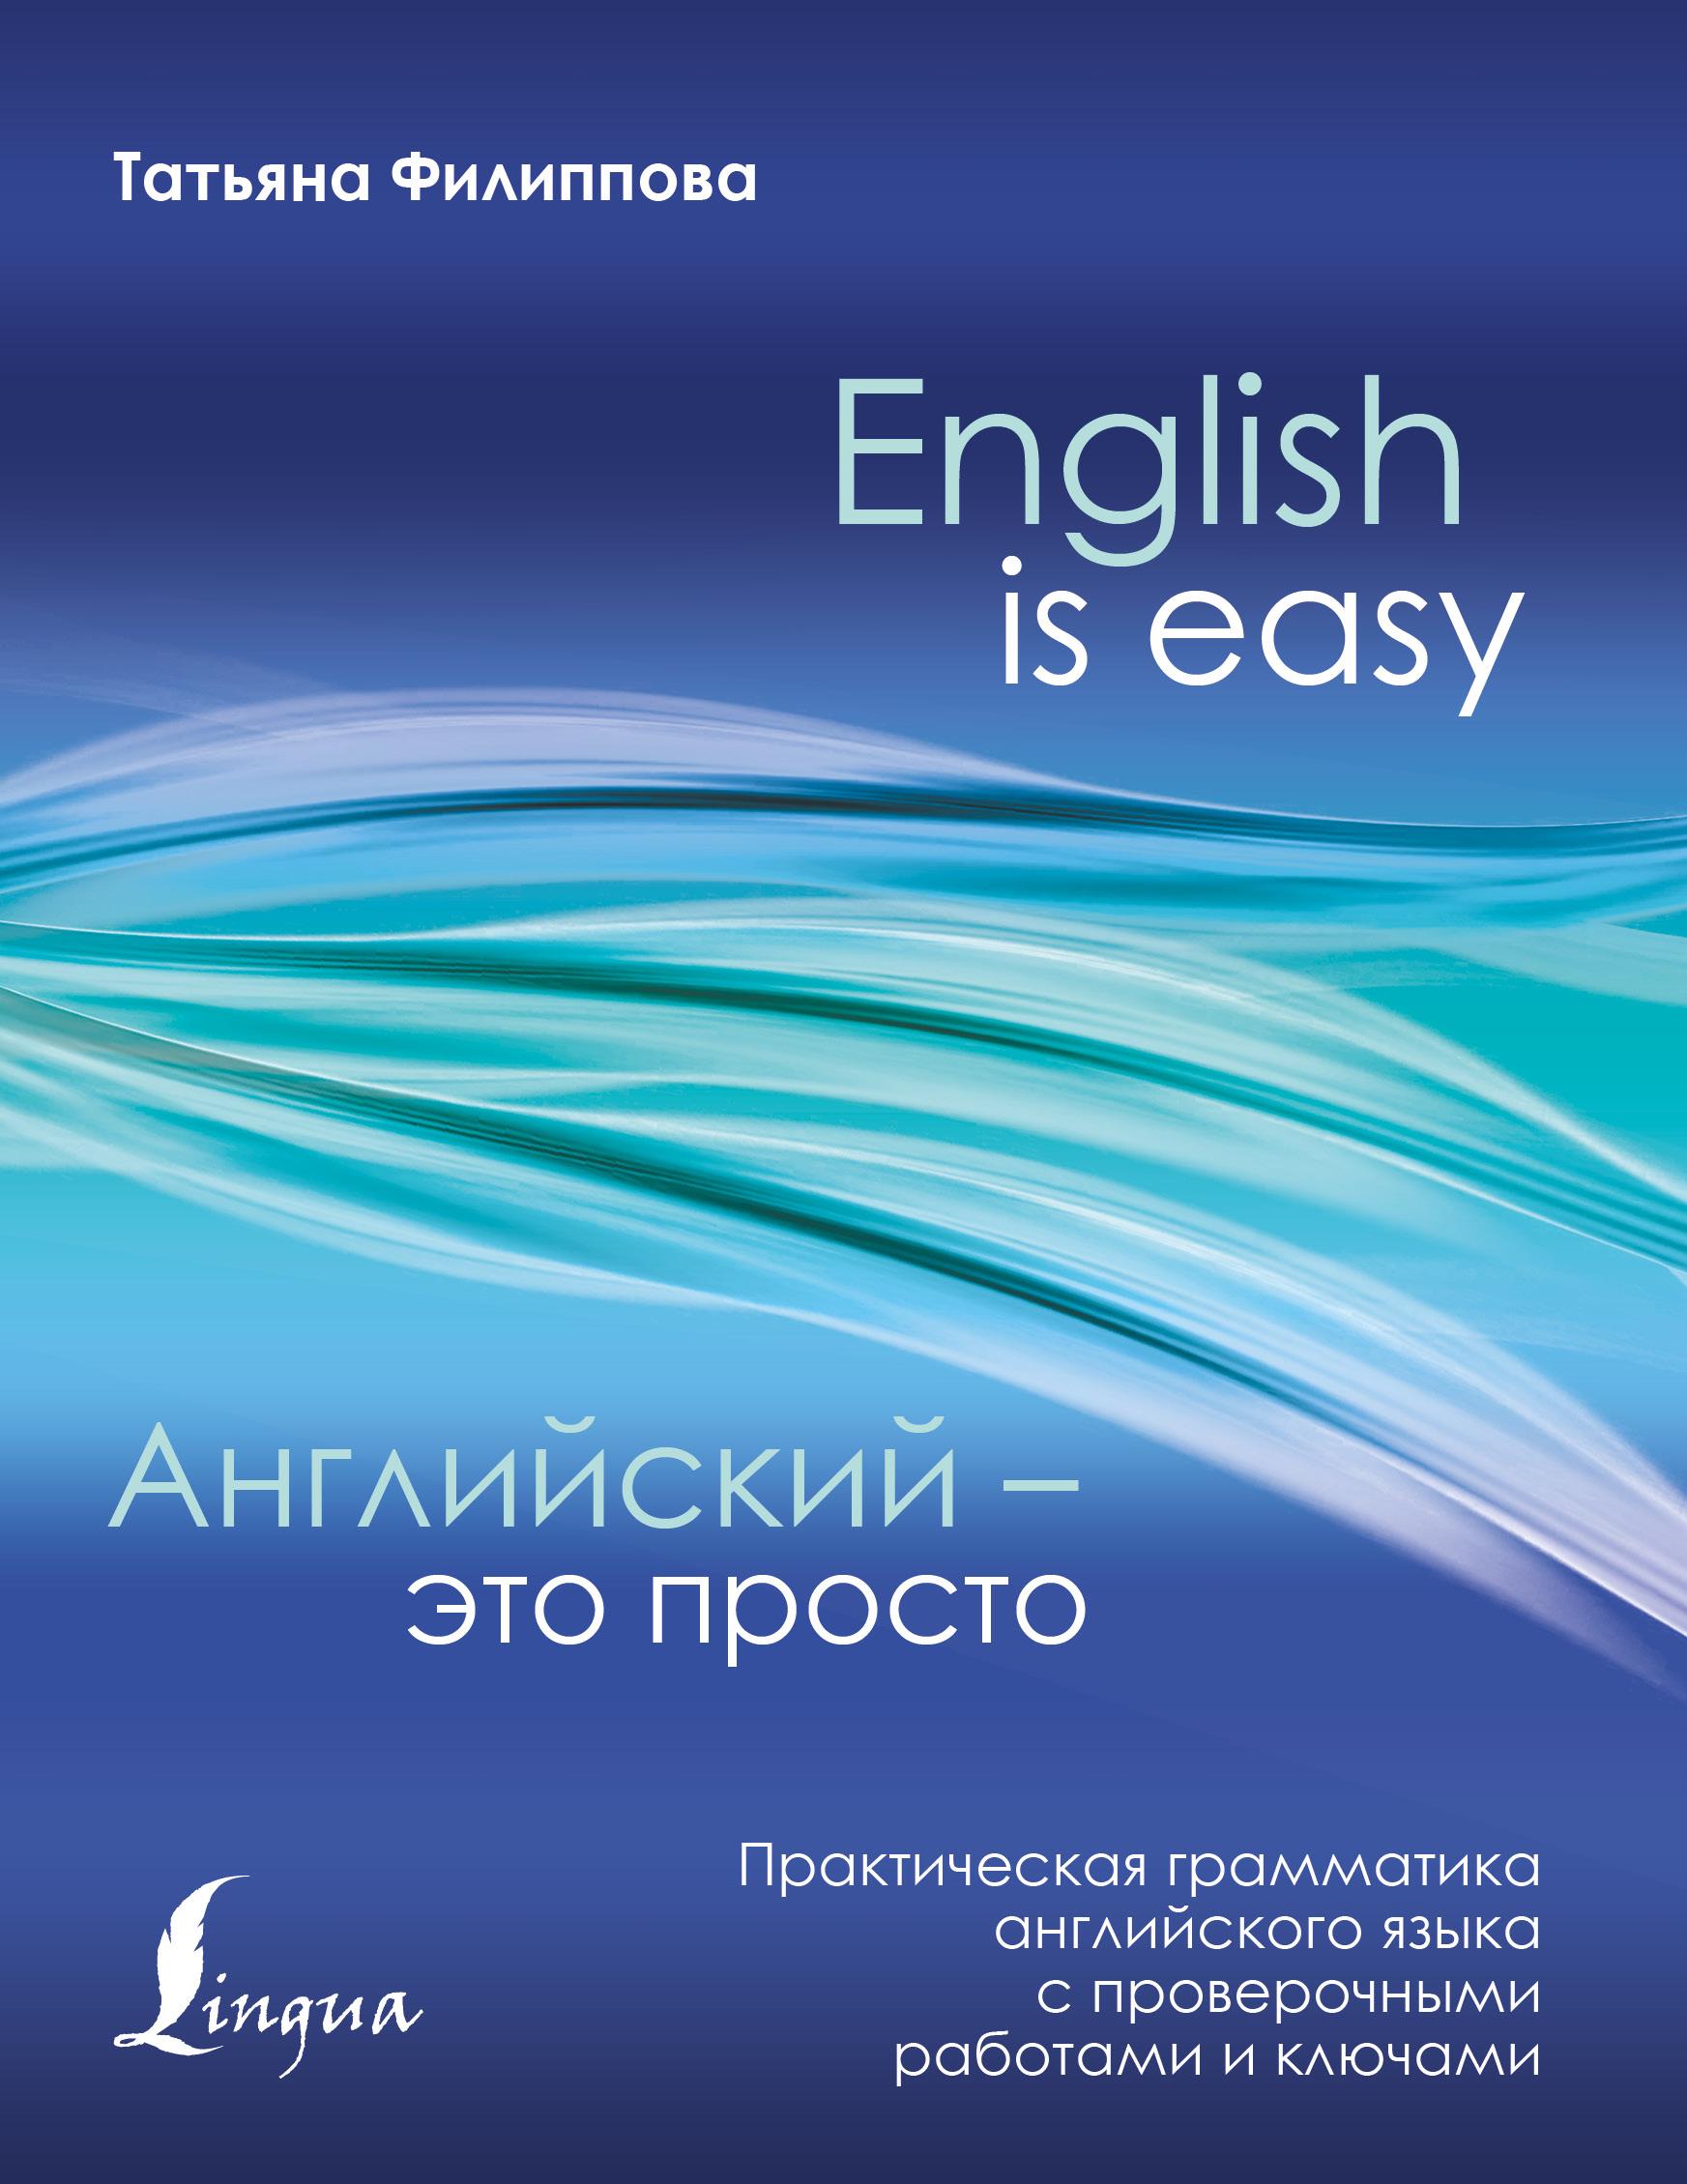 Т. В. Филиппова Английский – это просто. Практическая грамматика английского языка с проверочными работами и ключами к н качалова практическая грамматика английского языка с упражнениями и ключами